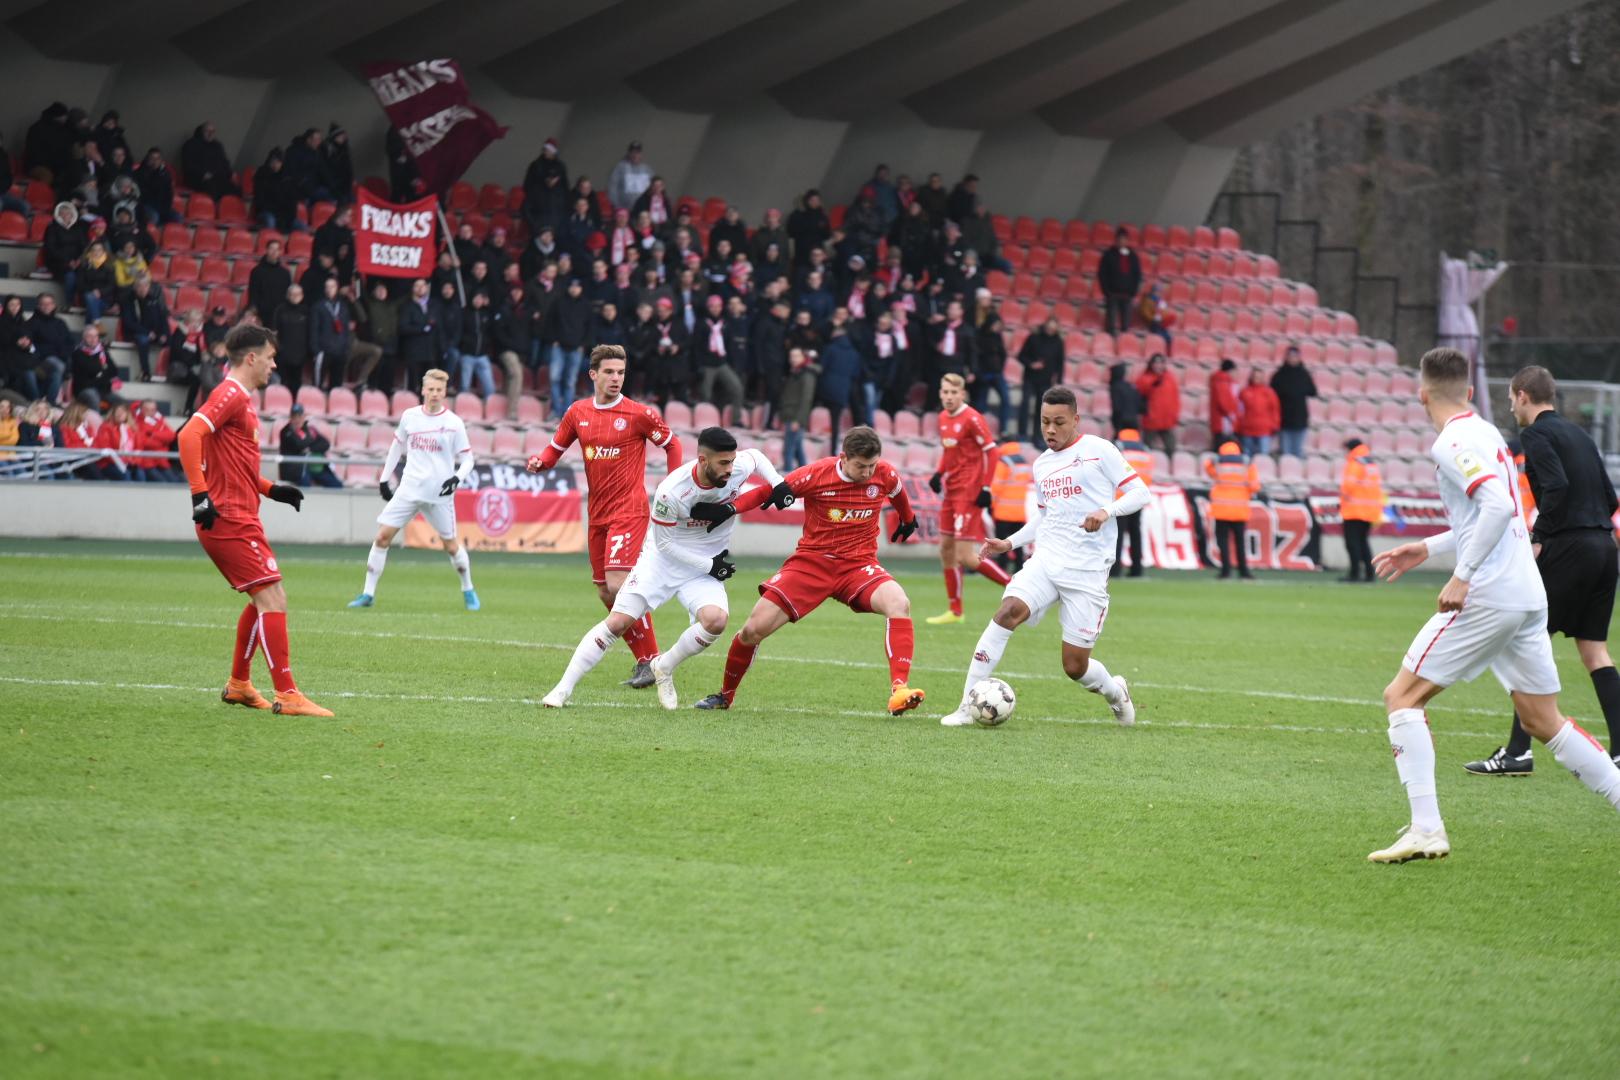 Ohne Punkte kehrten die Rot-Weissen aus Köln zurück. (Foto: Rotzoll)